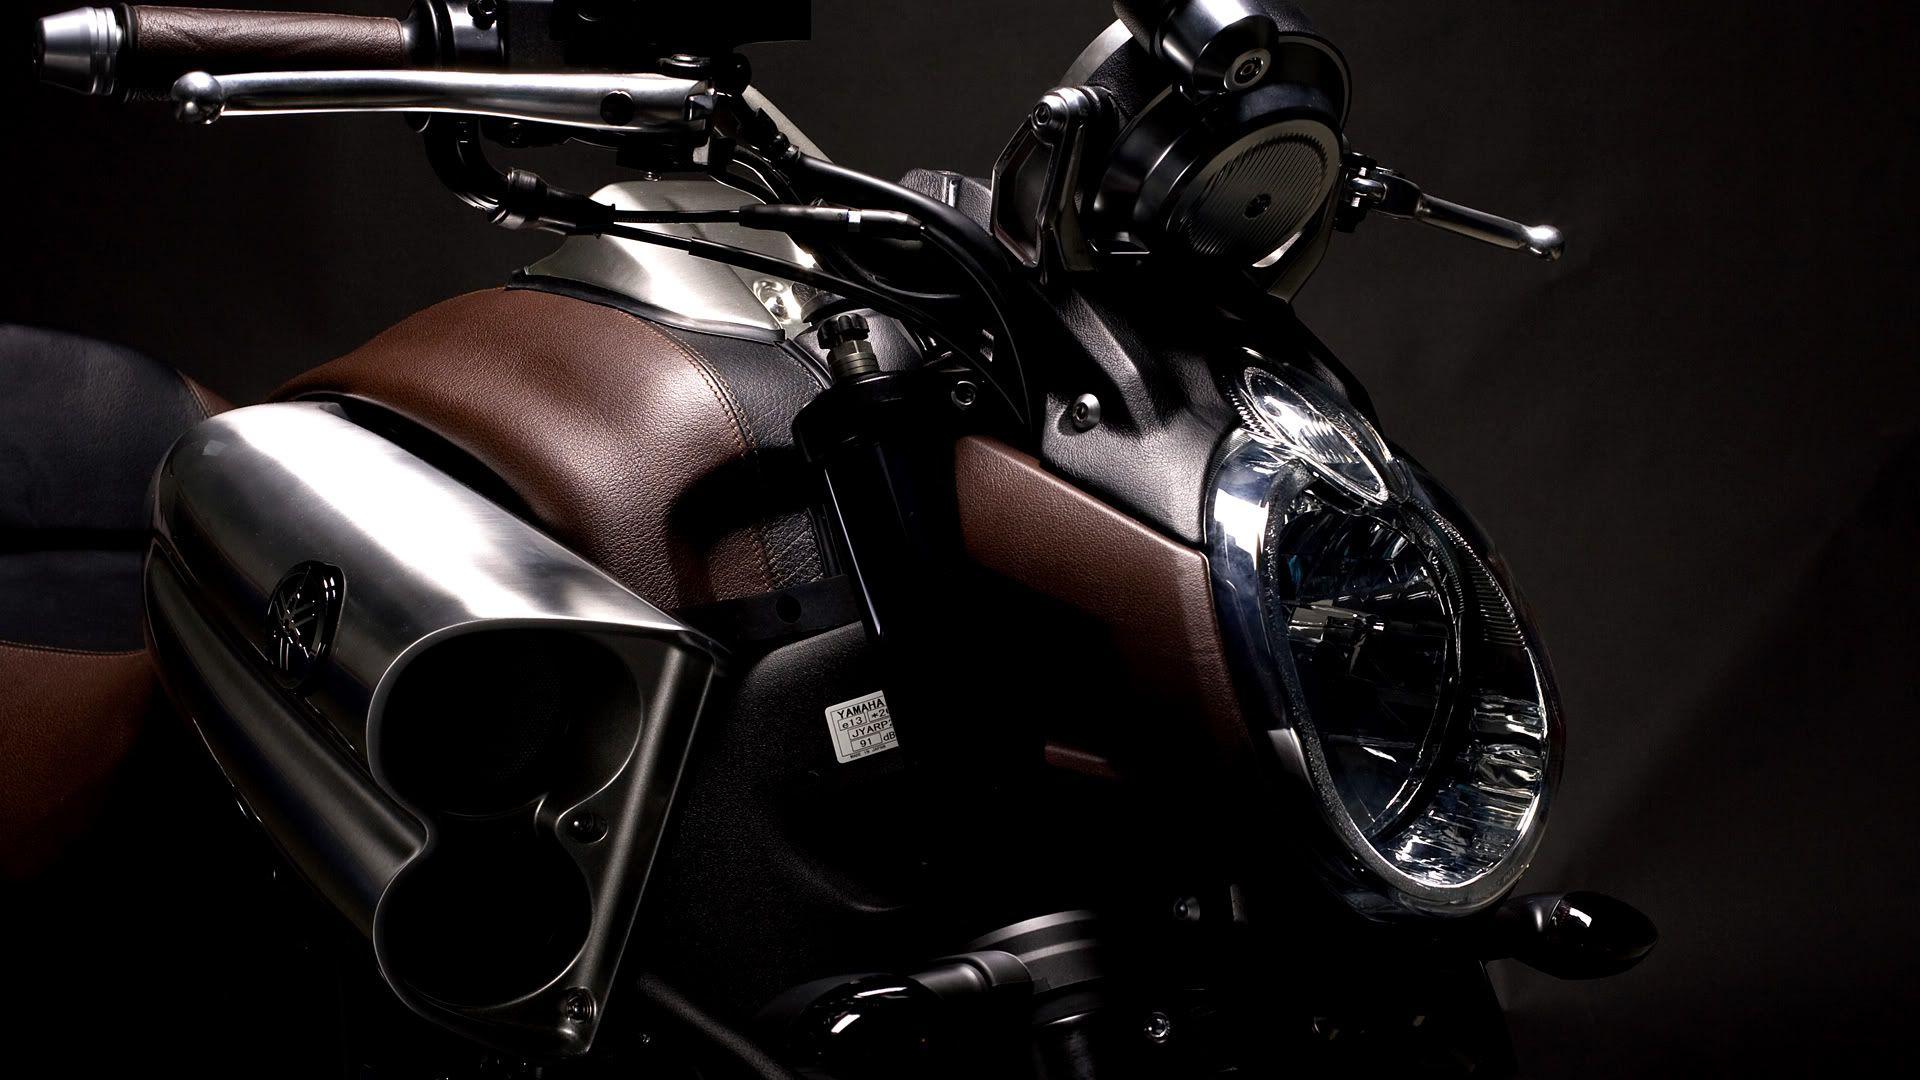 Yamaha V Max Head Lamp Moto HD Wallpaper